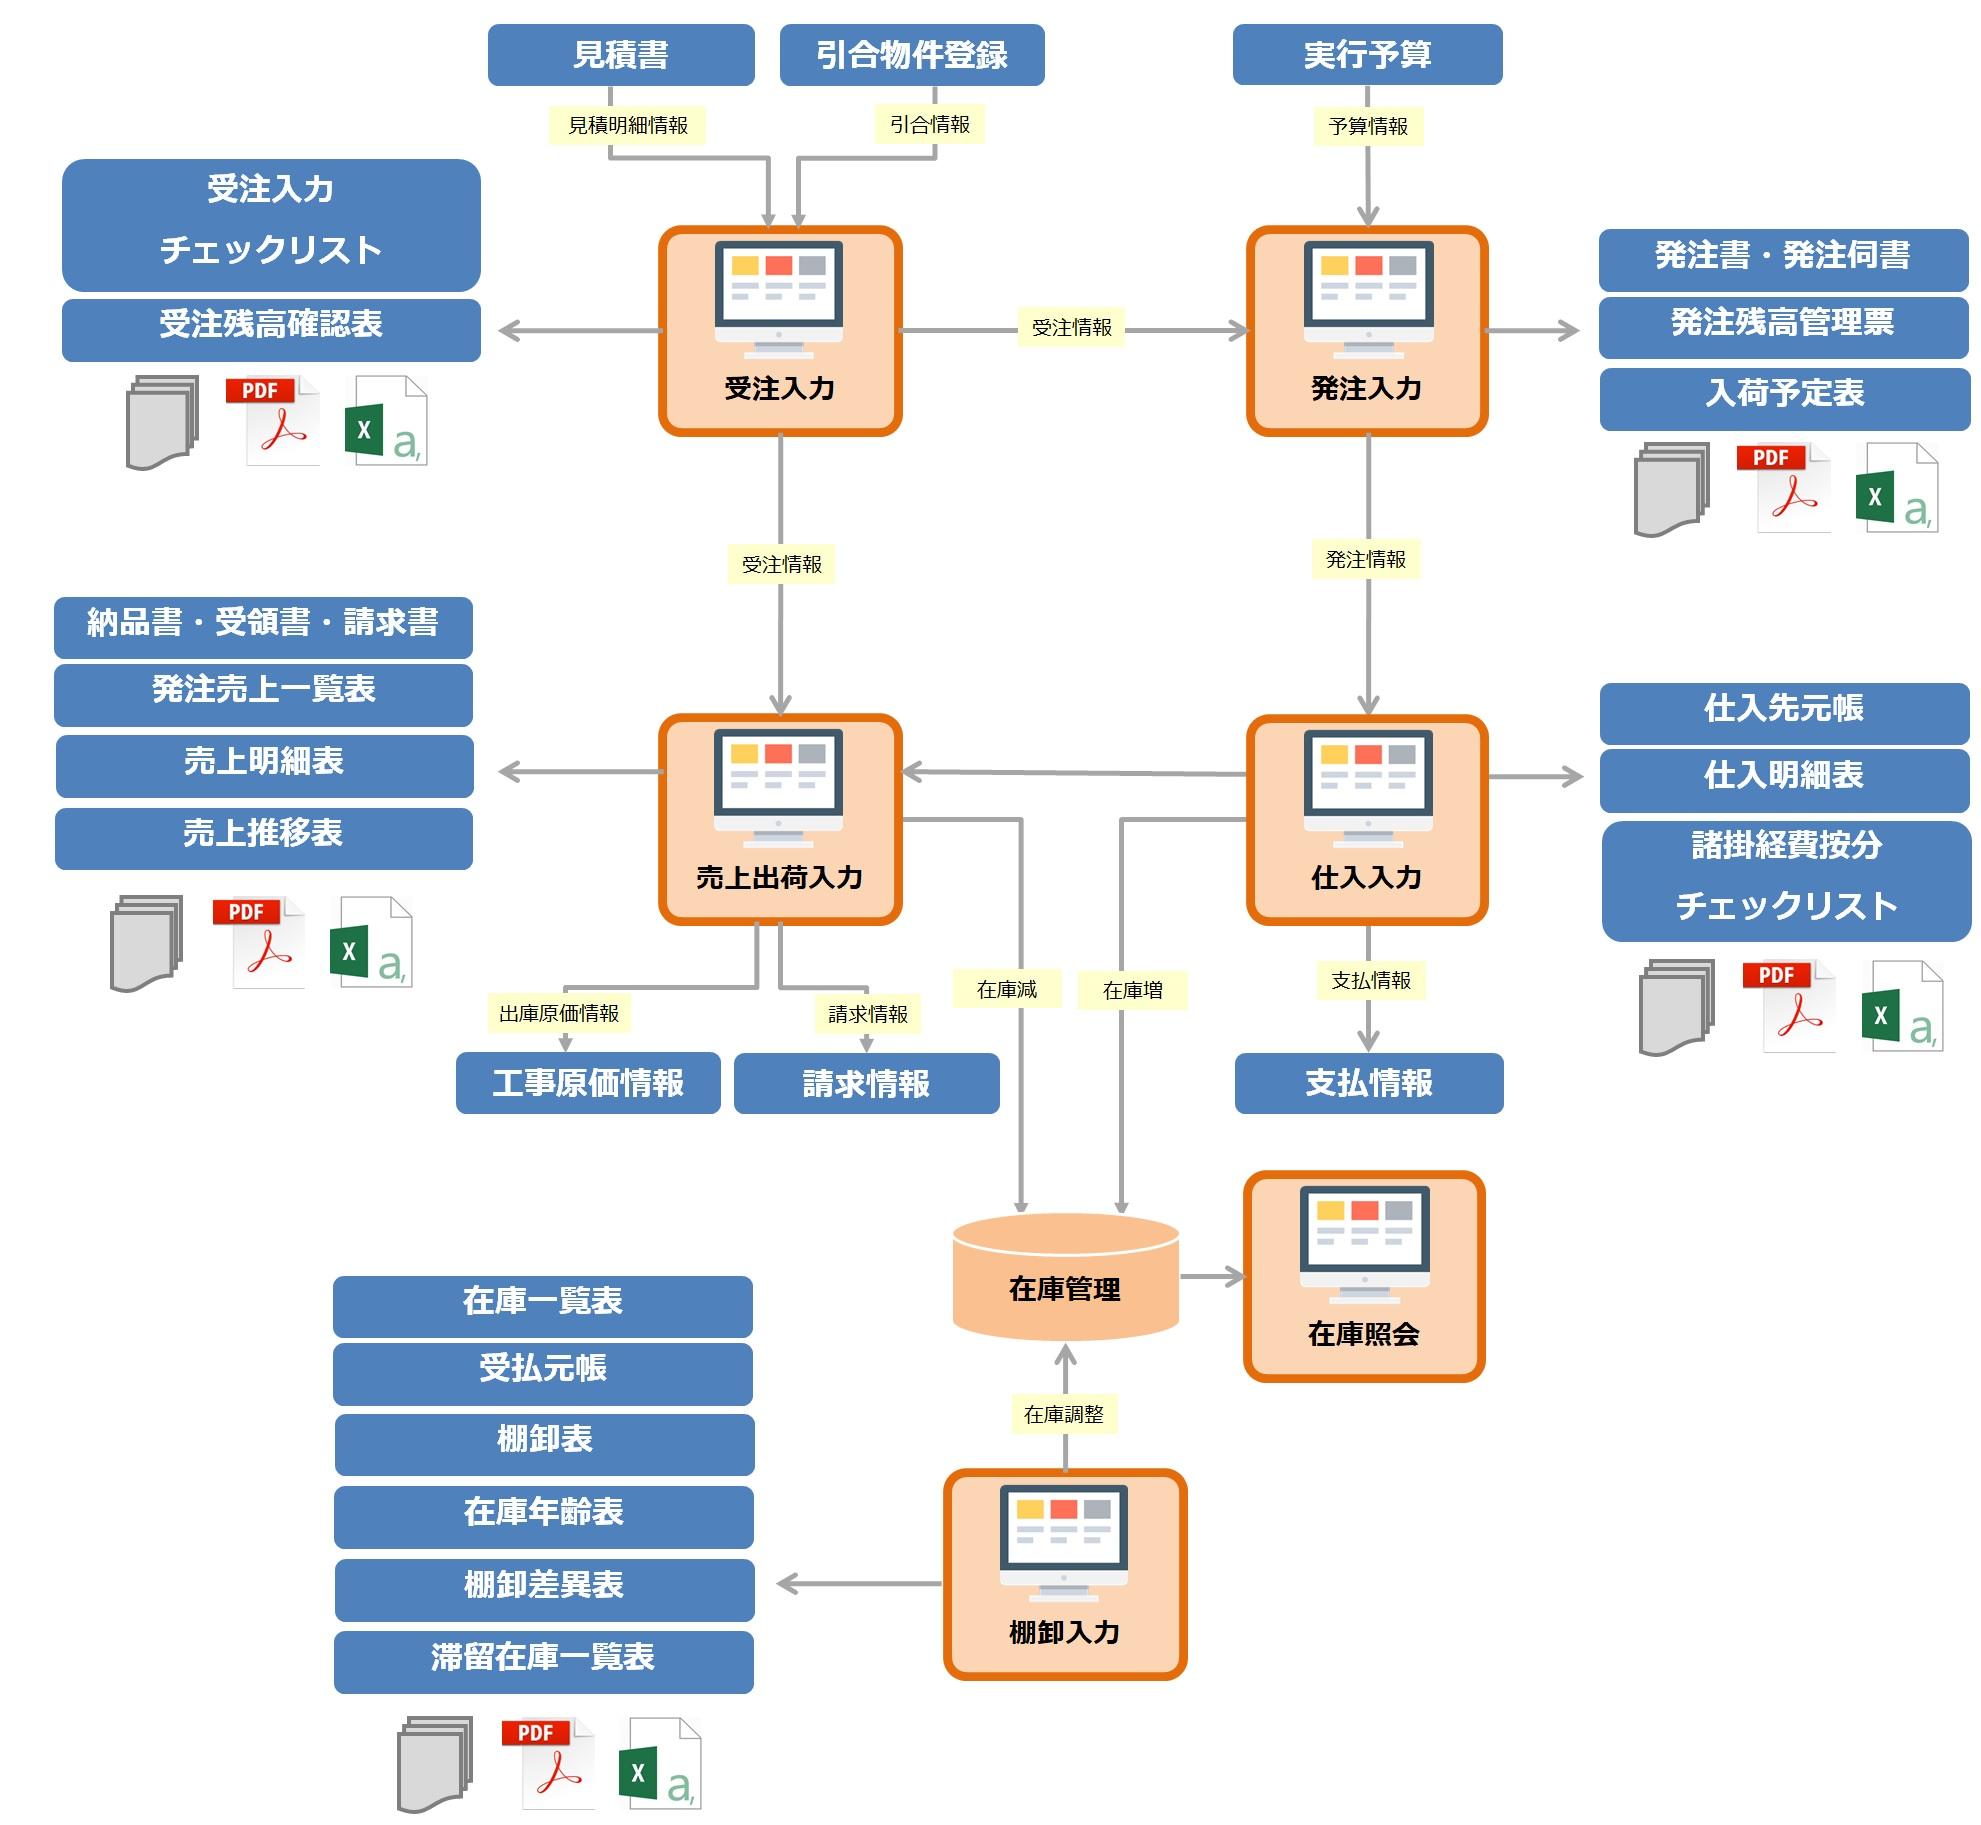 販売管理情報システム